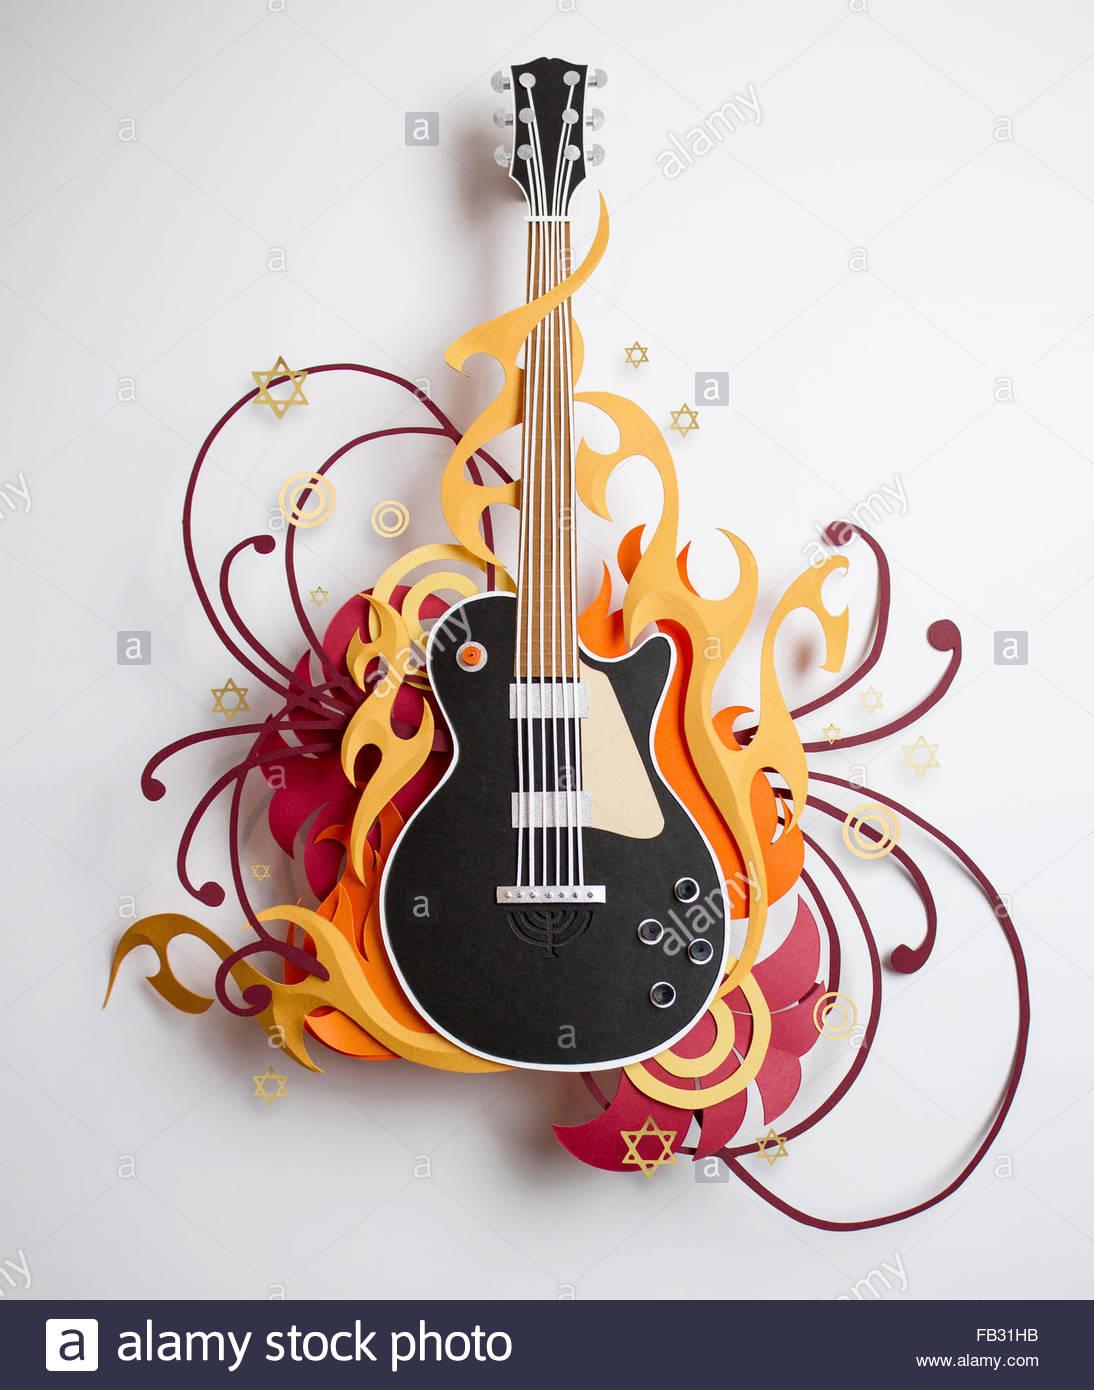 Stelle e volute che circonda carta artigianale chitarra Immagini Stock